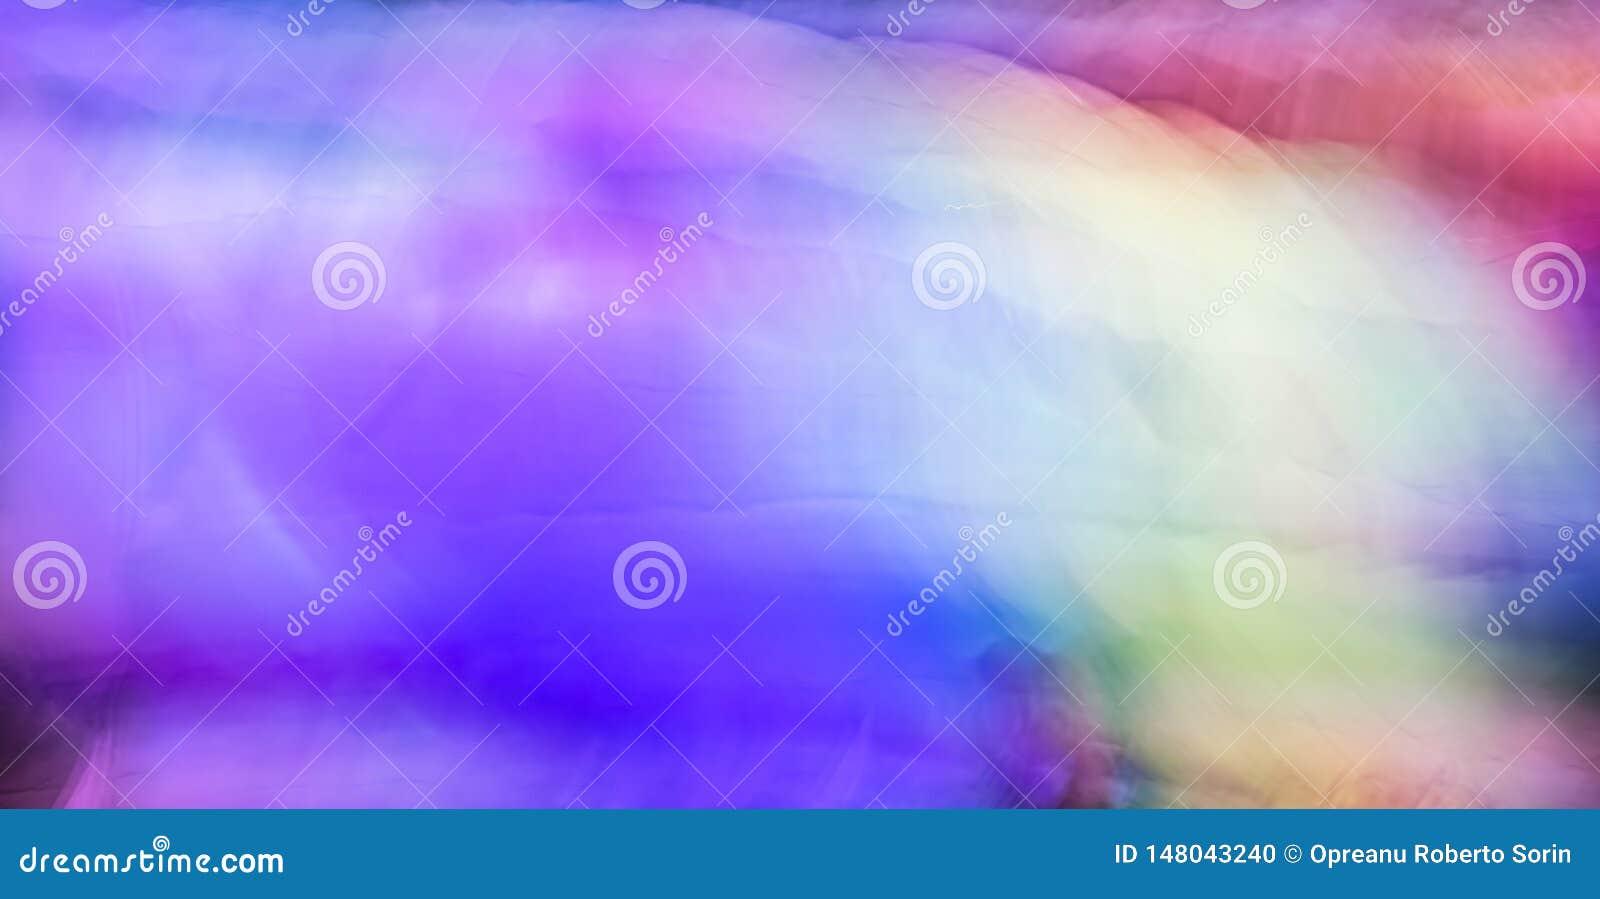 Pintura clara abstrata, exposição longa do borrão de movimento